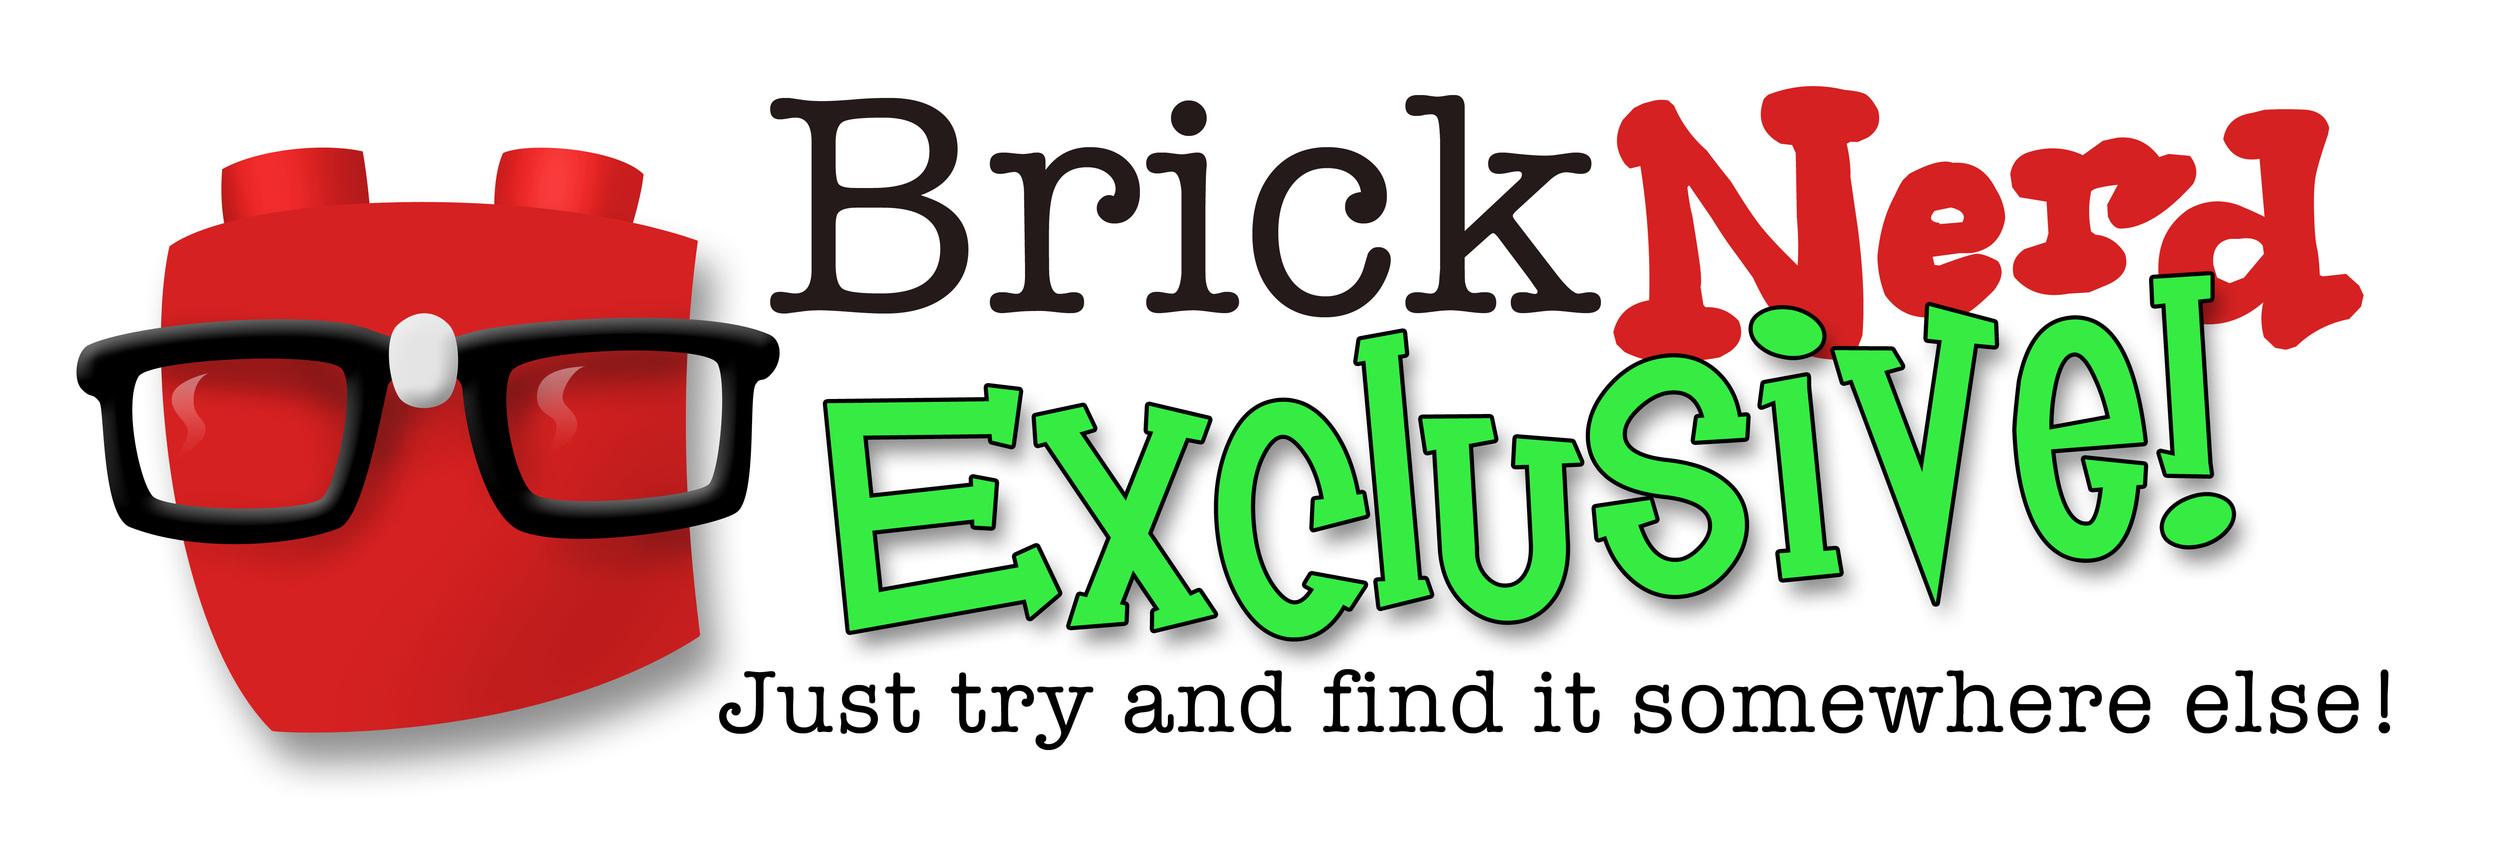 BrickNerd_exclusive.jpg